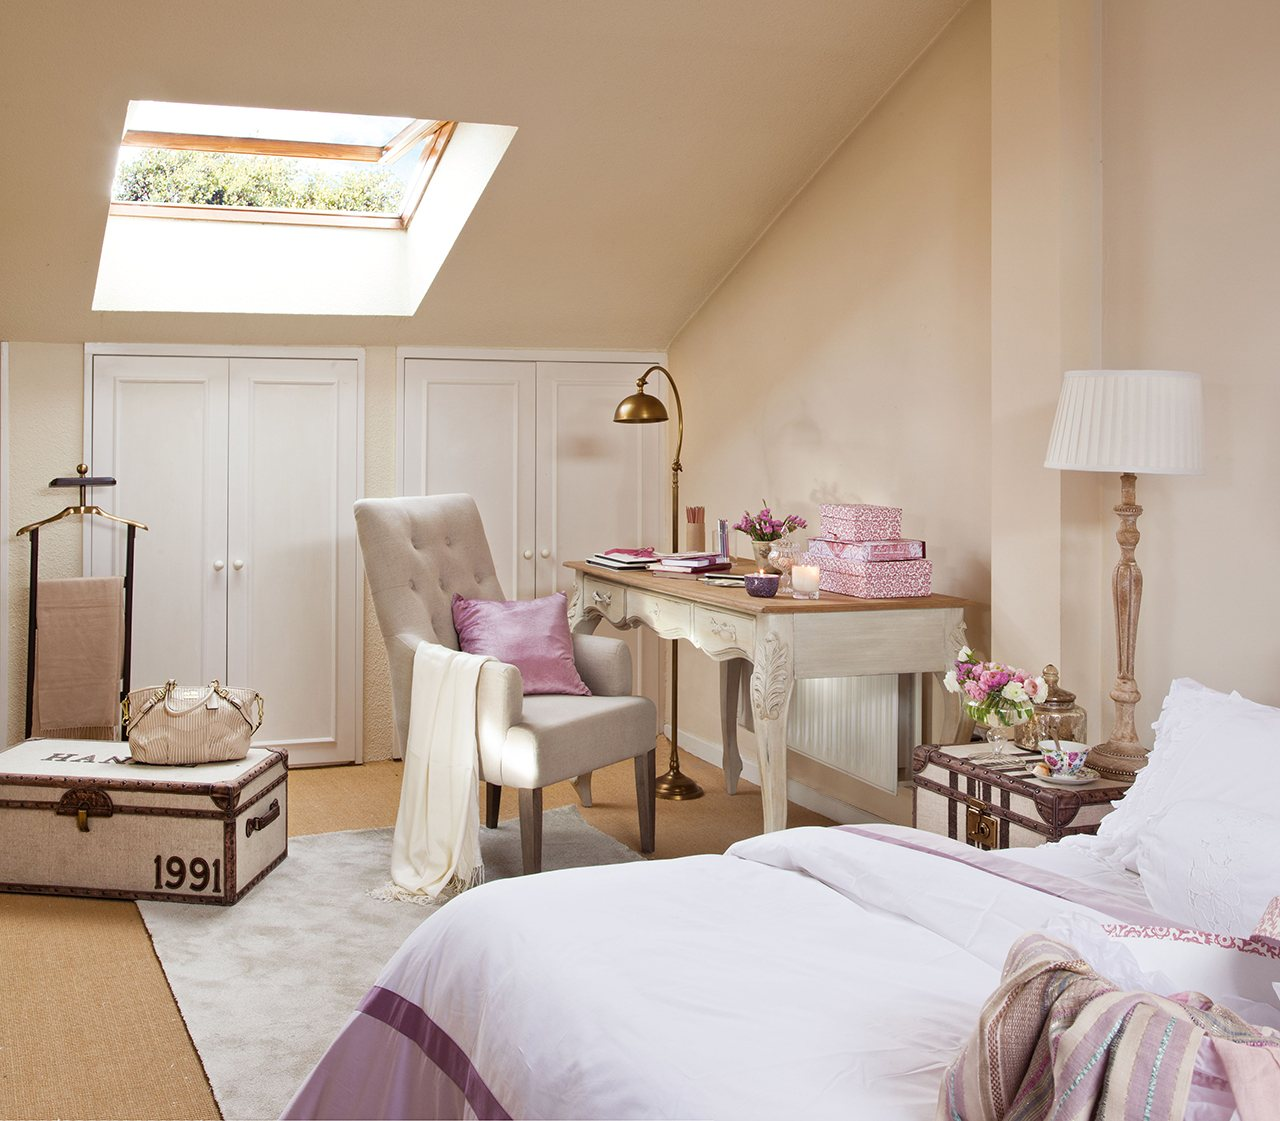 Zonas Dormitorio ~ 14 ideas para sacar sitio extra en casa